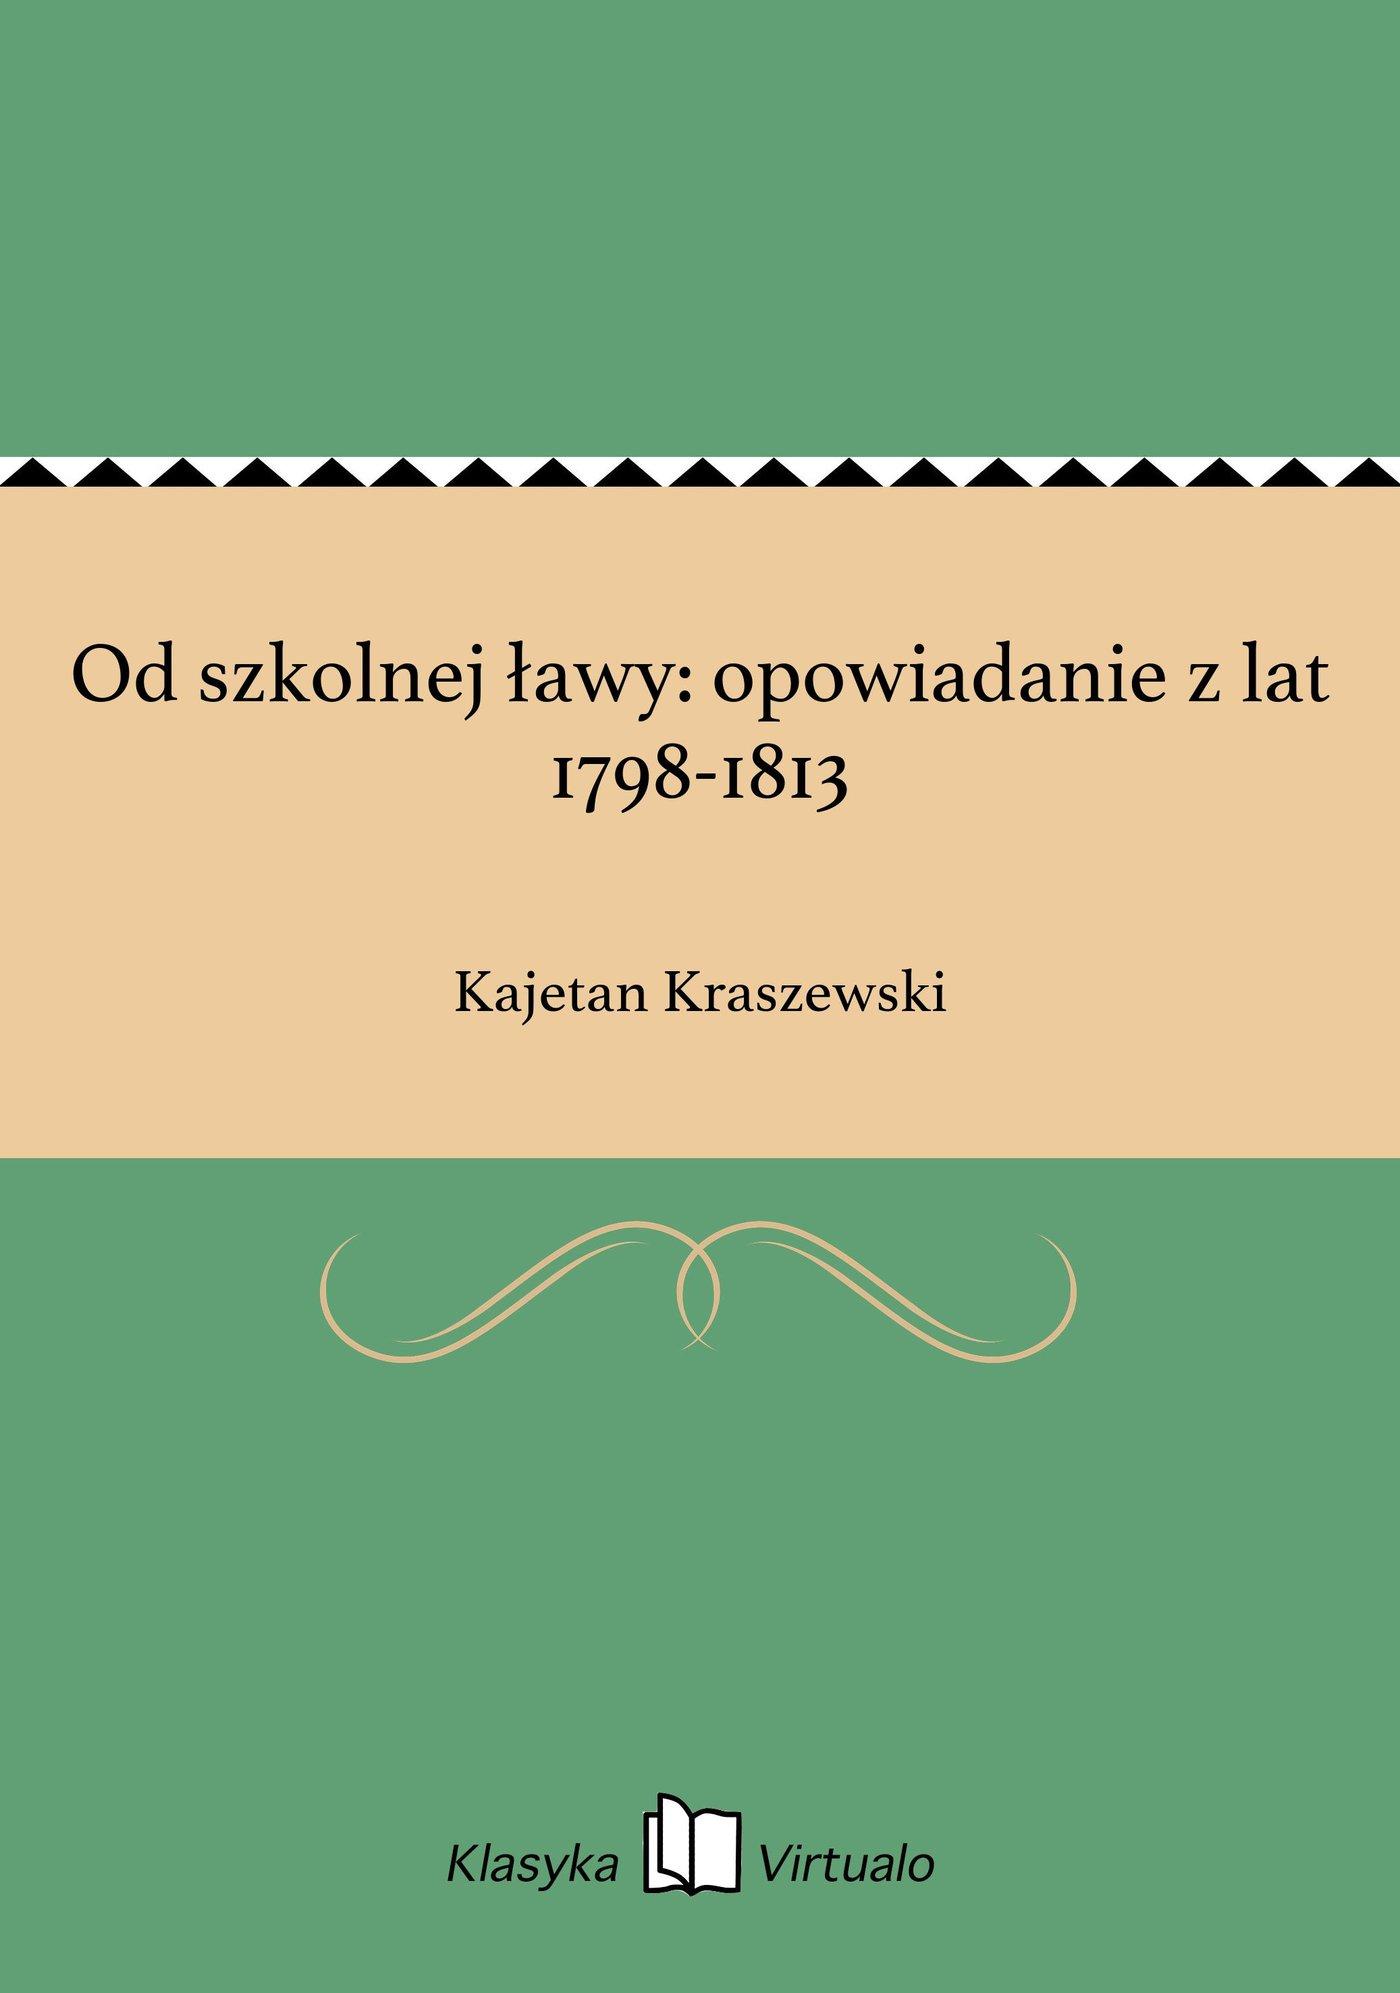 Od szkolnej ławy: opowiadanie z lat 1798-1813 - Ebook (Książka EPUB) do pobrania w formacie EPUB